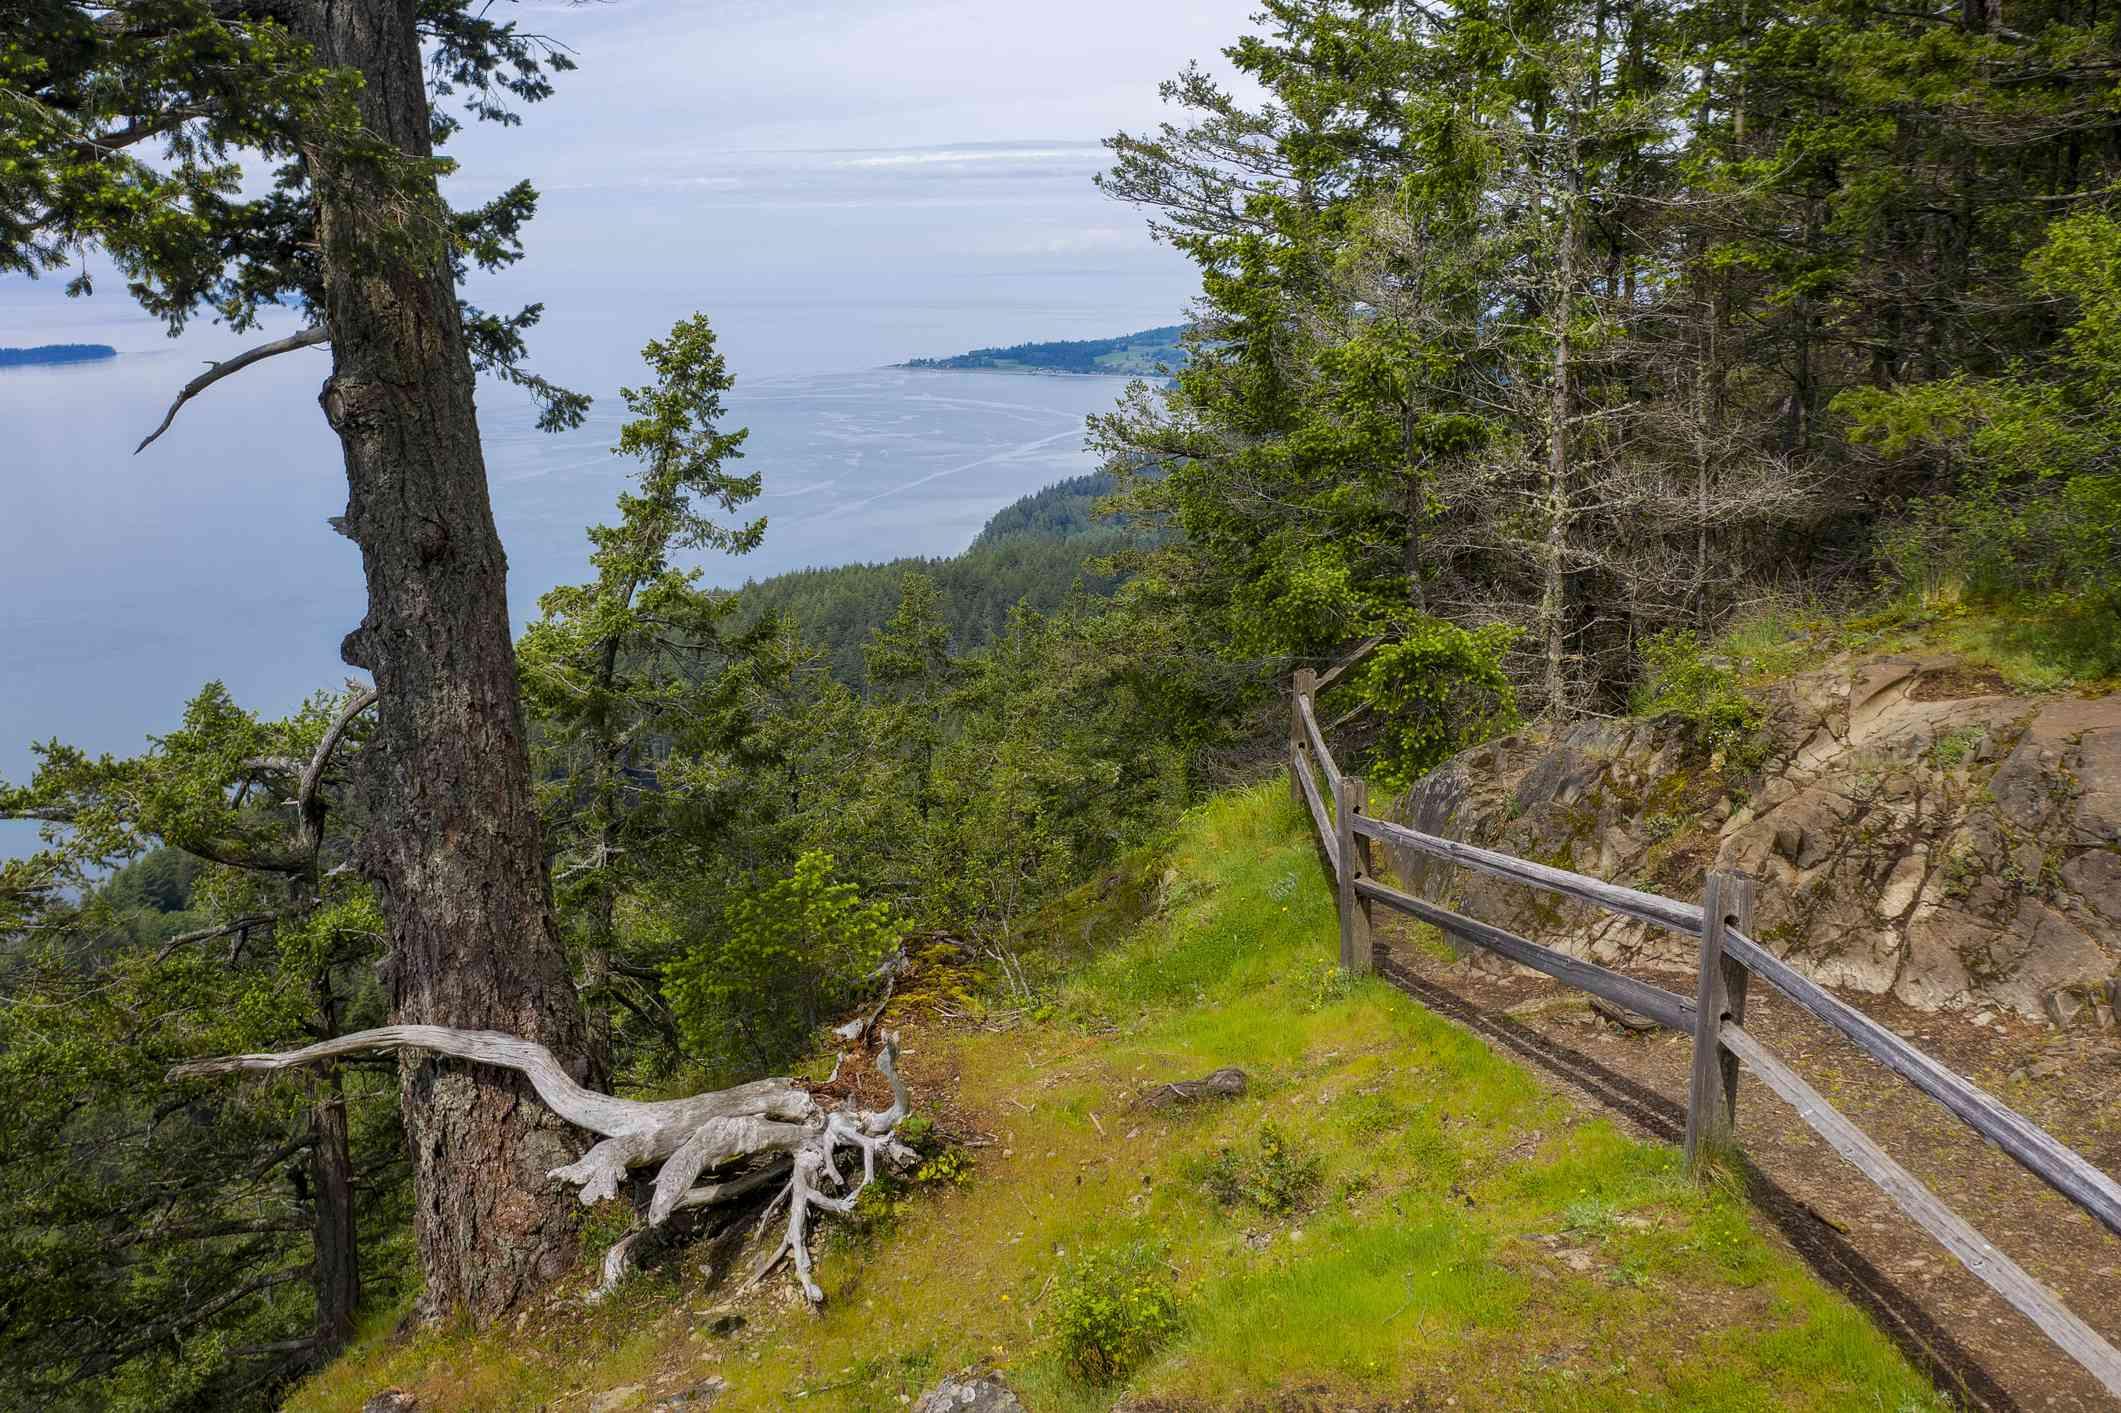 Overlook at the Baker Preserve on Lummi Island, Washington.